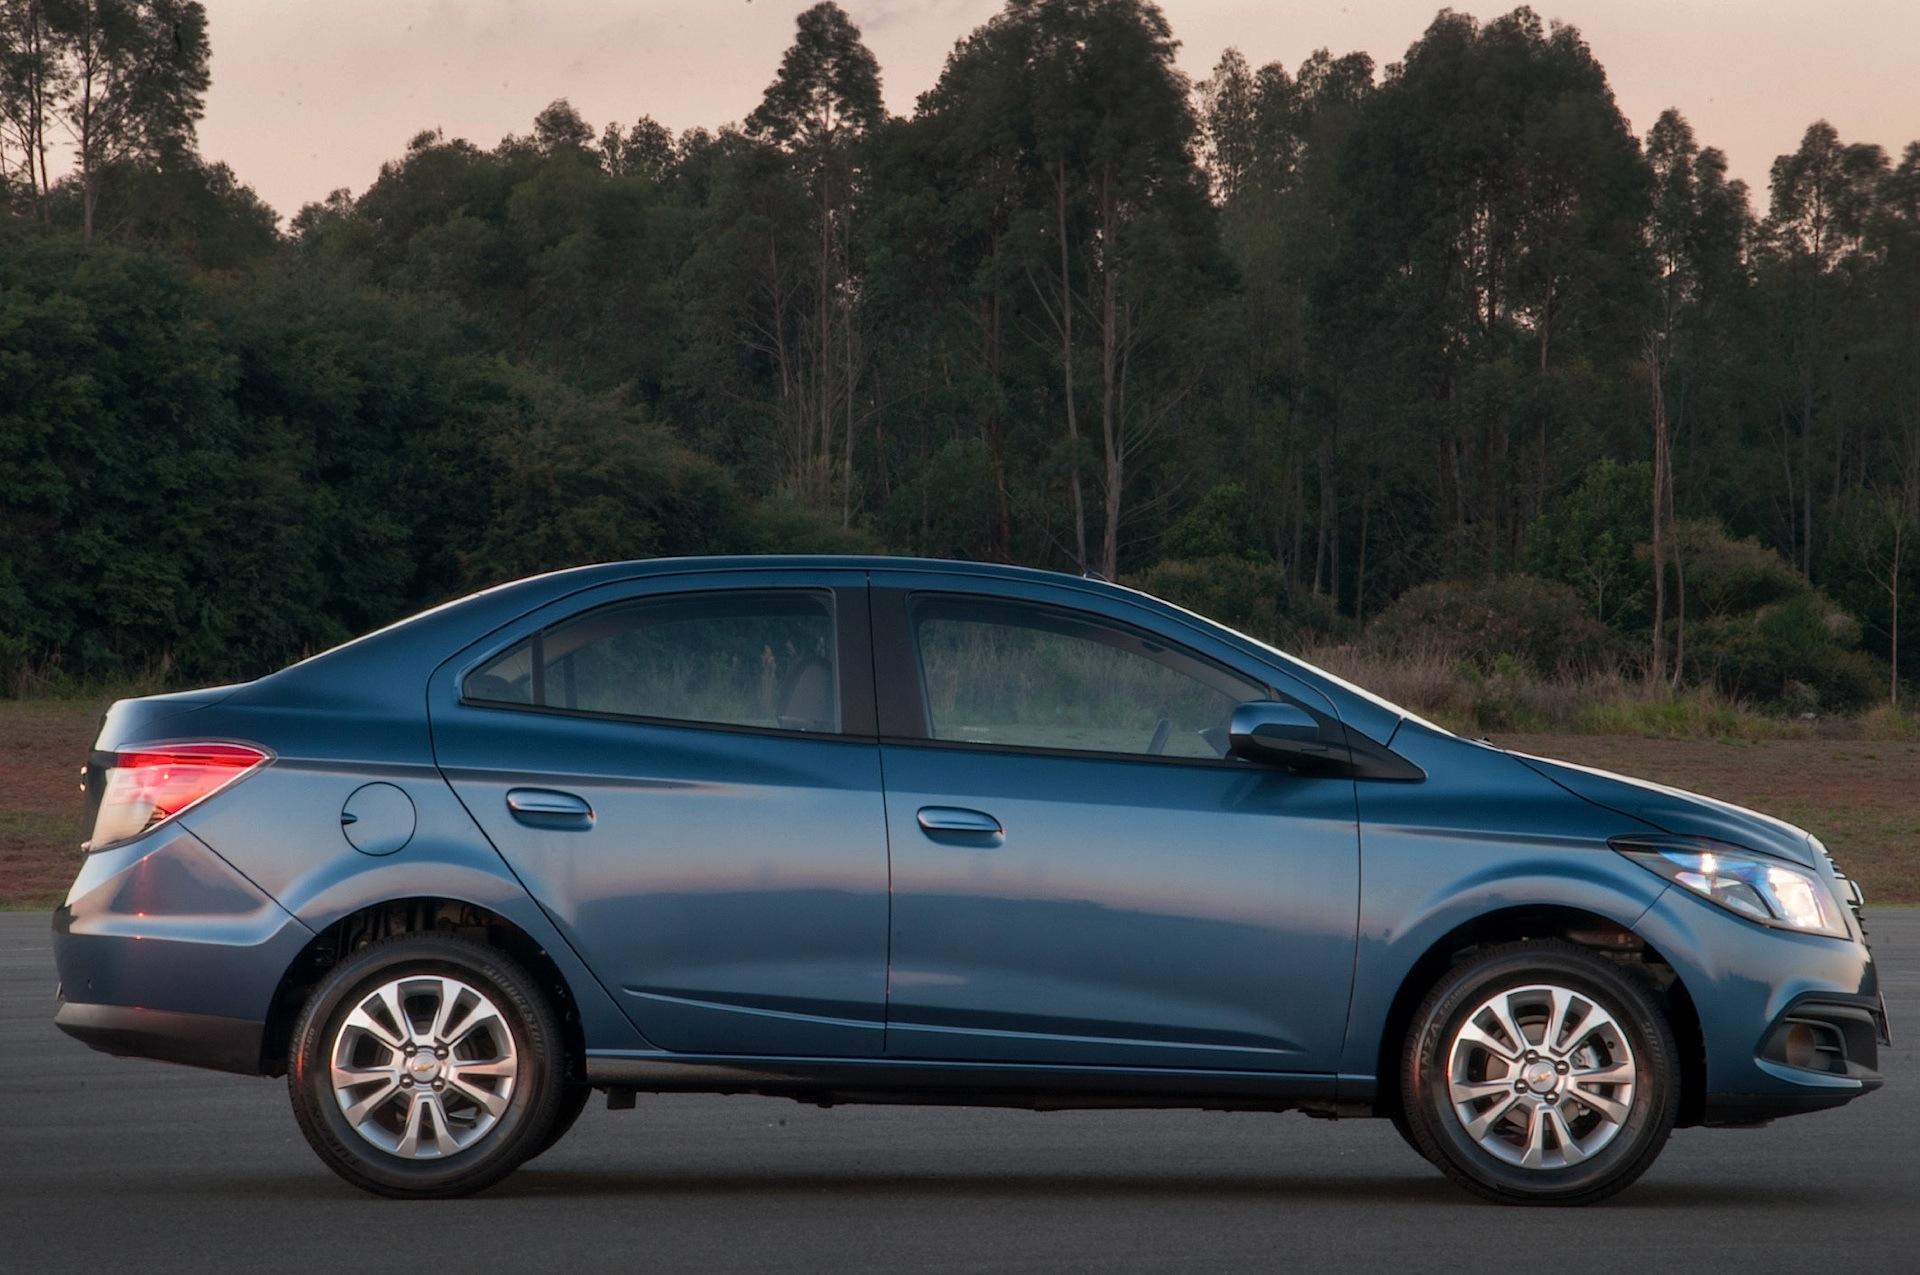 Chevrolet Prisma Specs - 2013  2014  2015  2016  2017  2018